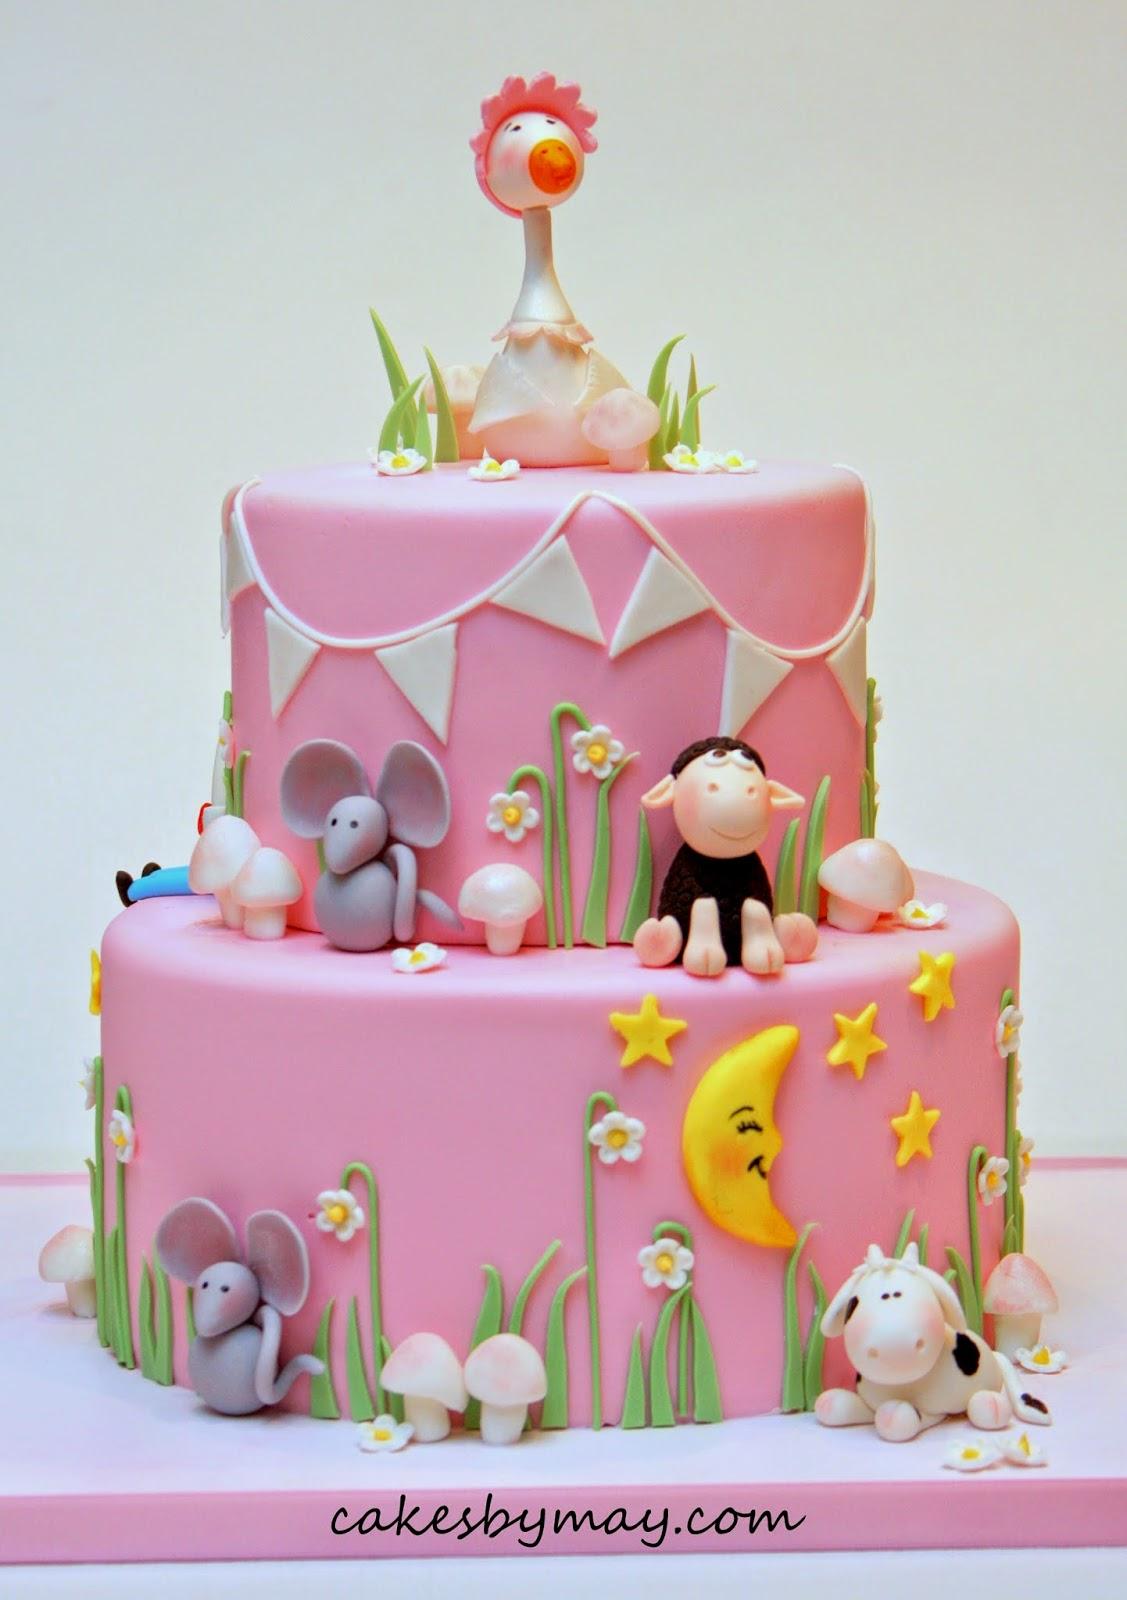 Nursery Rhymes Baby Shower Cakes